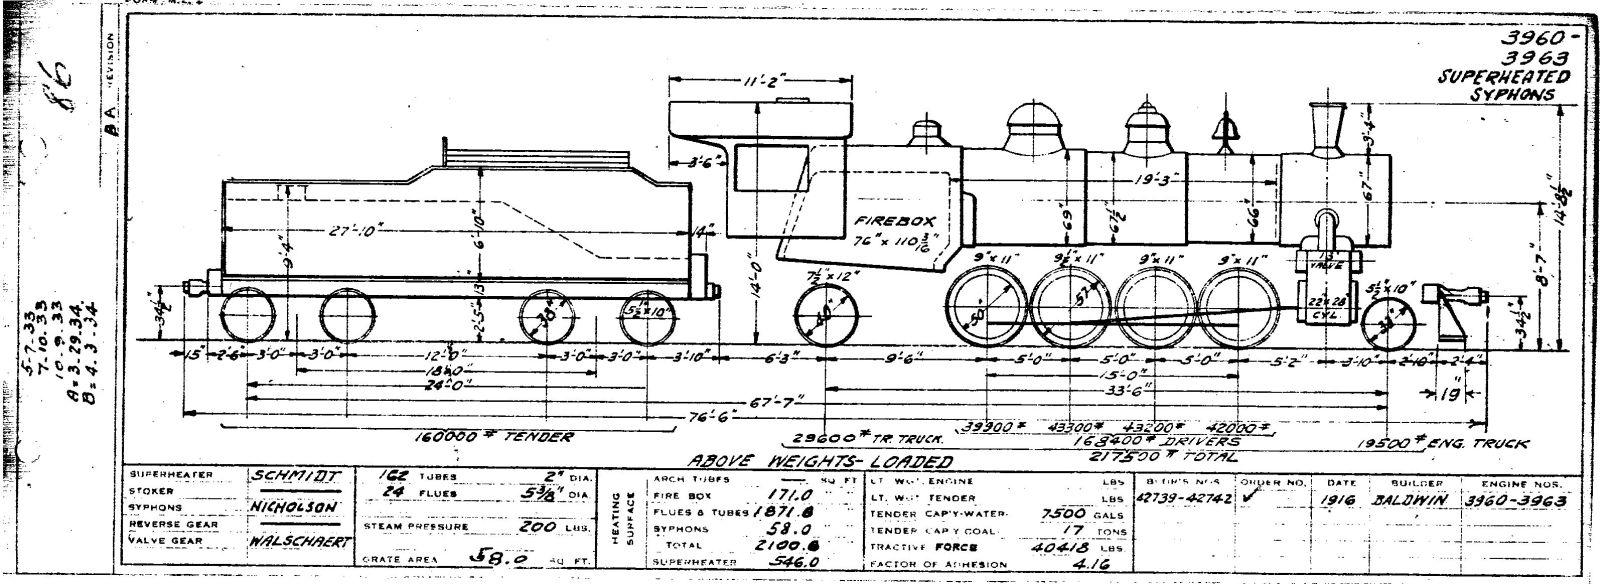 hight resolution of 67 locomotive 3964 68 locomotive 3966 69 locomotives 3965 3967 3970 70 locomotives 3971 3972 71 locomotives 4905 4906 4909